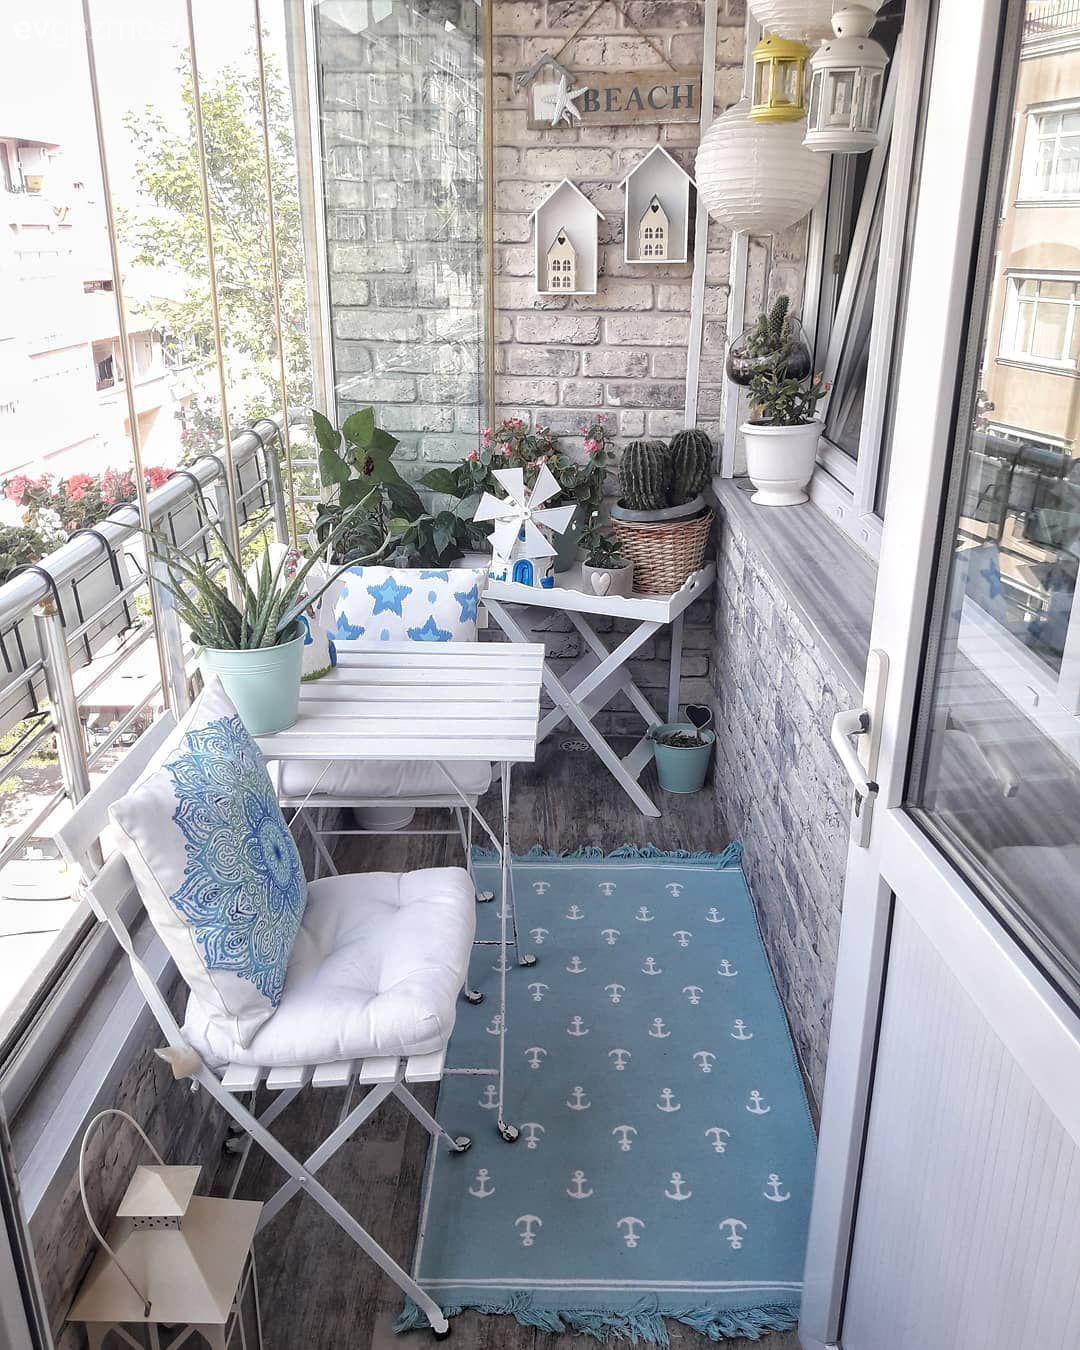 Bu Yenilenen Ev Harika Küçük Alan Fikirleriyle Dolu